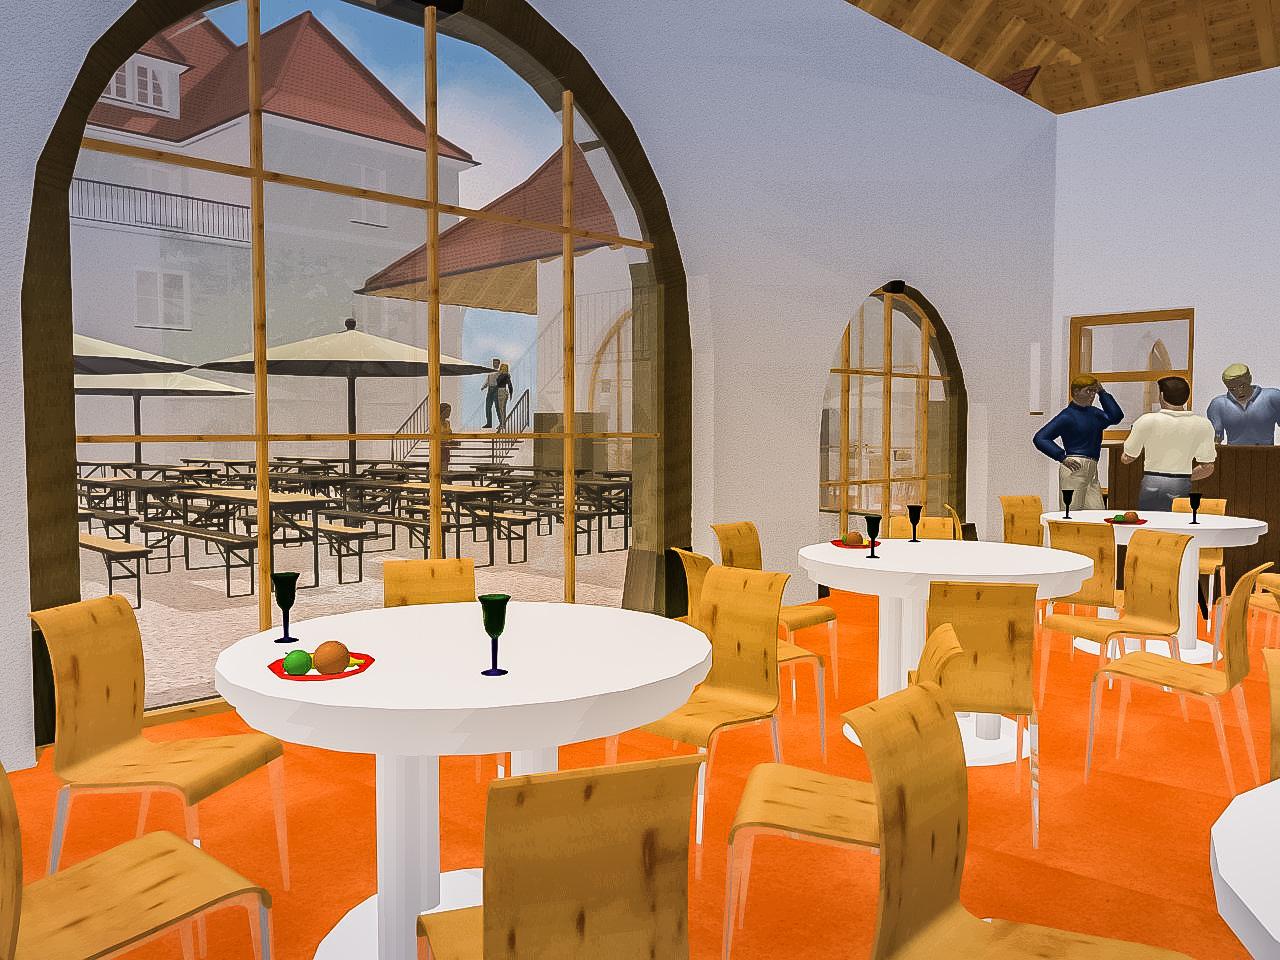 Gasthaus mit Biergarten – 3D Visualisierung